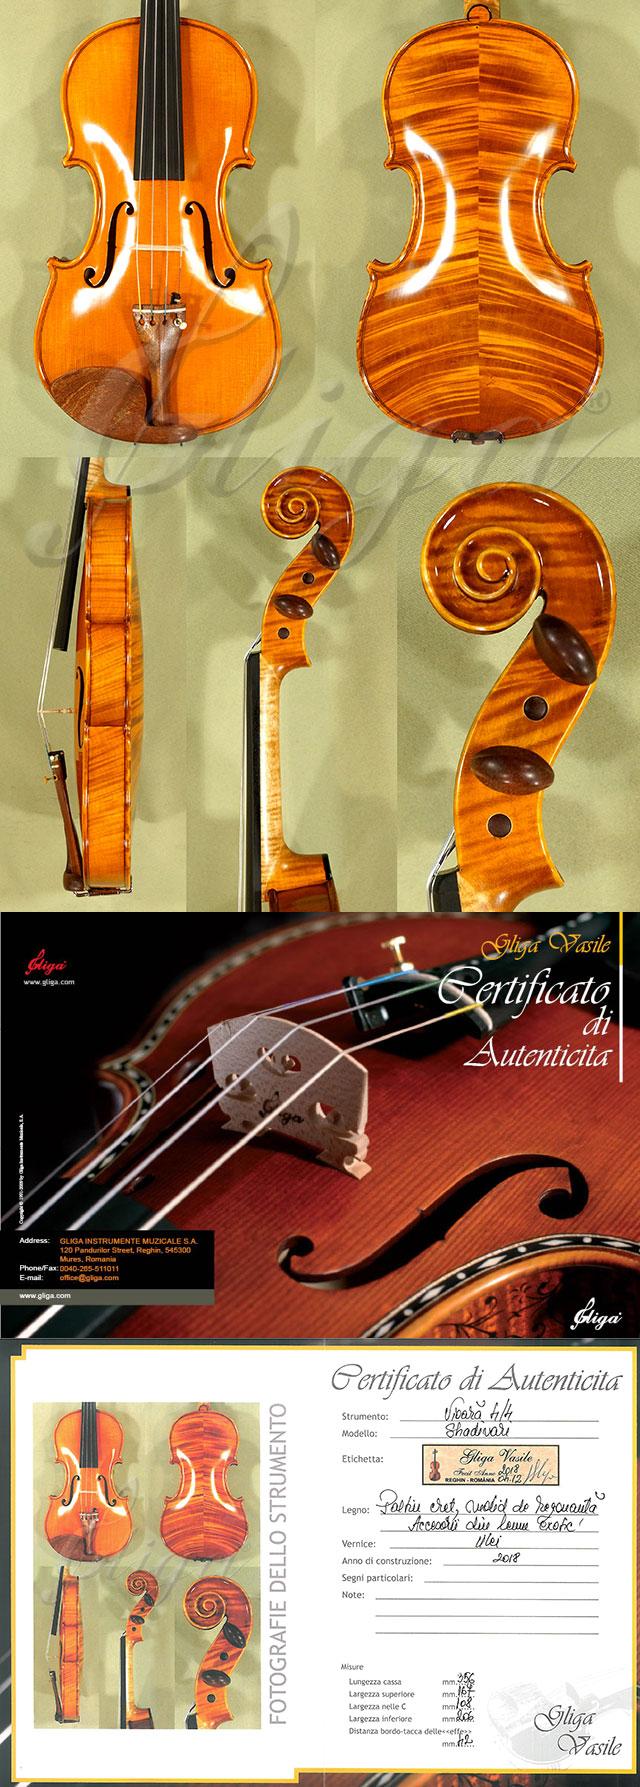 4/4 MAESTRO VASILE GLIGA Violin - Code C8192V